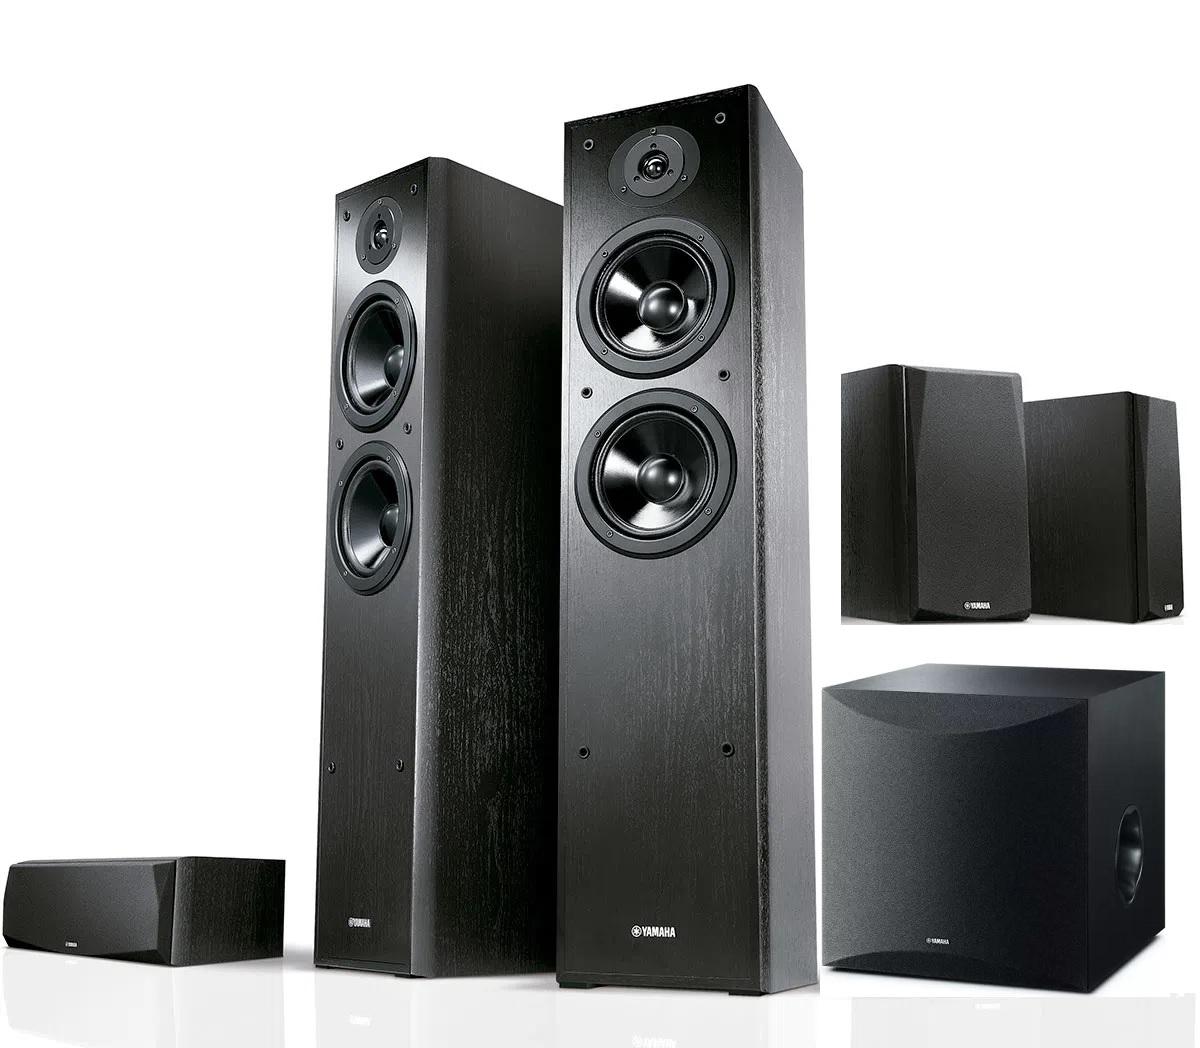 kit 5.1 Yahama para home theater - par de caixas torre F51 + central e bookshelfs P51 + Subwoofer SW100 (preto)